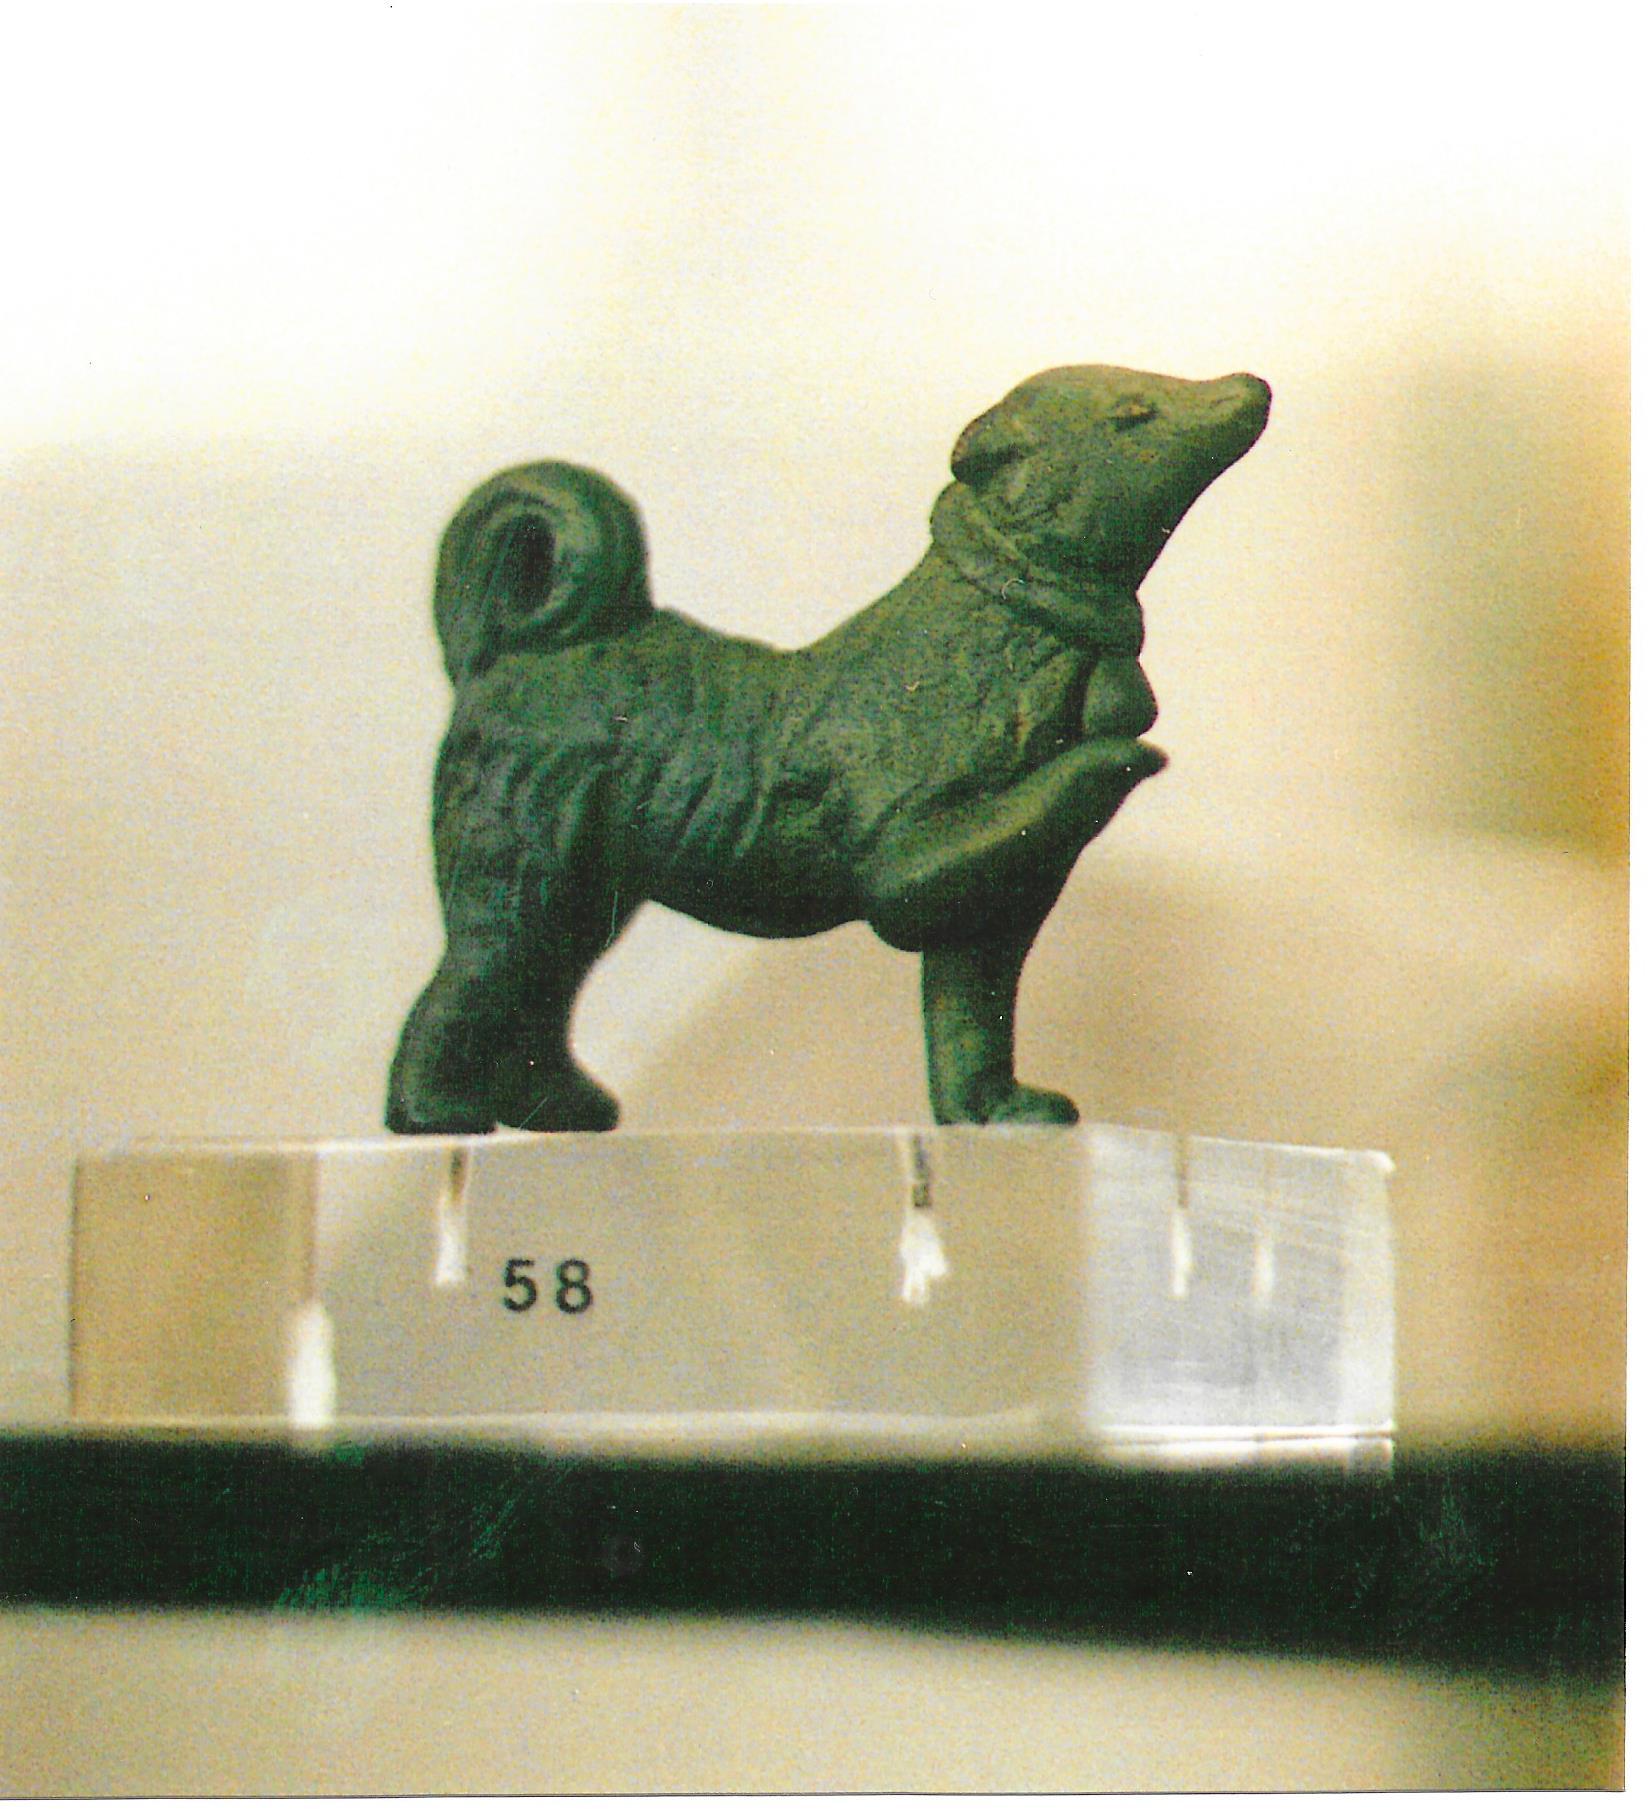 13 Bronzetto ellenistico del II secolo A.C. conservato al Museo Nazionale Archeologico di Atene. Pur nelle ridotte dimensioni, l'artista ha saputo riprodurre con impressionante realismo i tratti salienti strutturali e caratteriali della razza